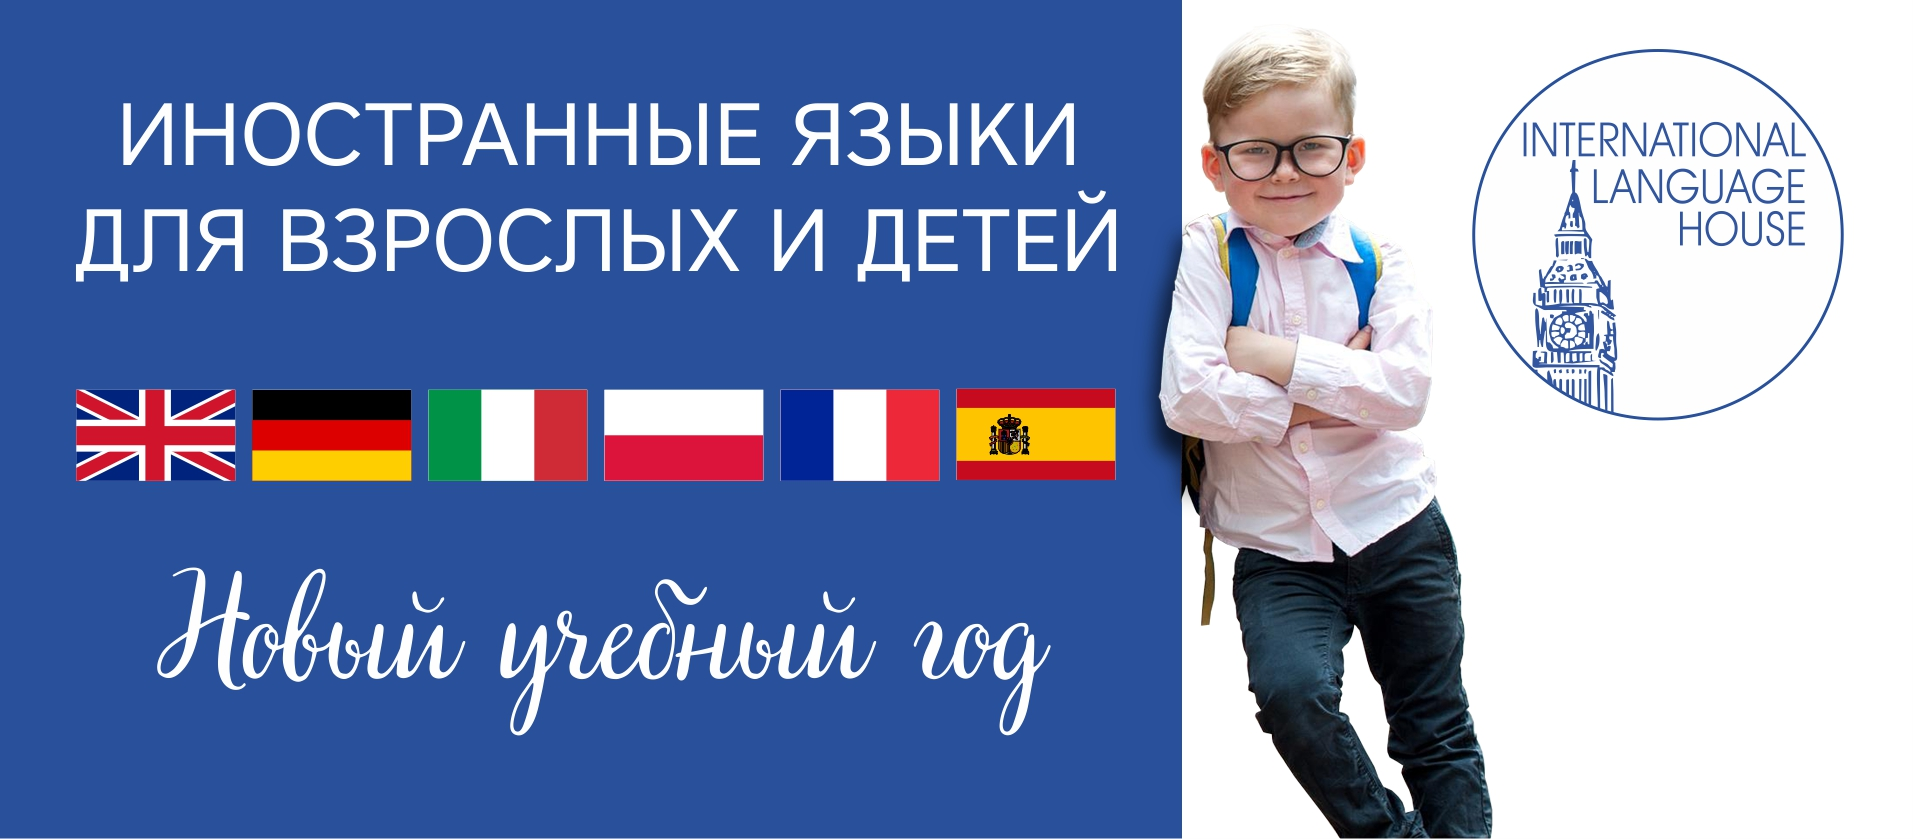 Школа Иностранных Языков International Language House начинает набор на новый учебный год 2019/20!